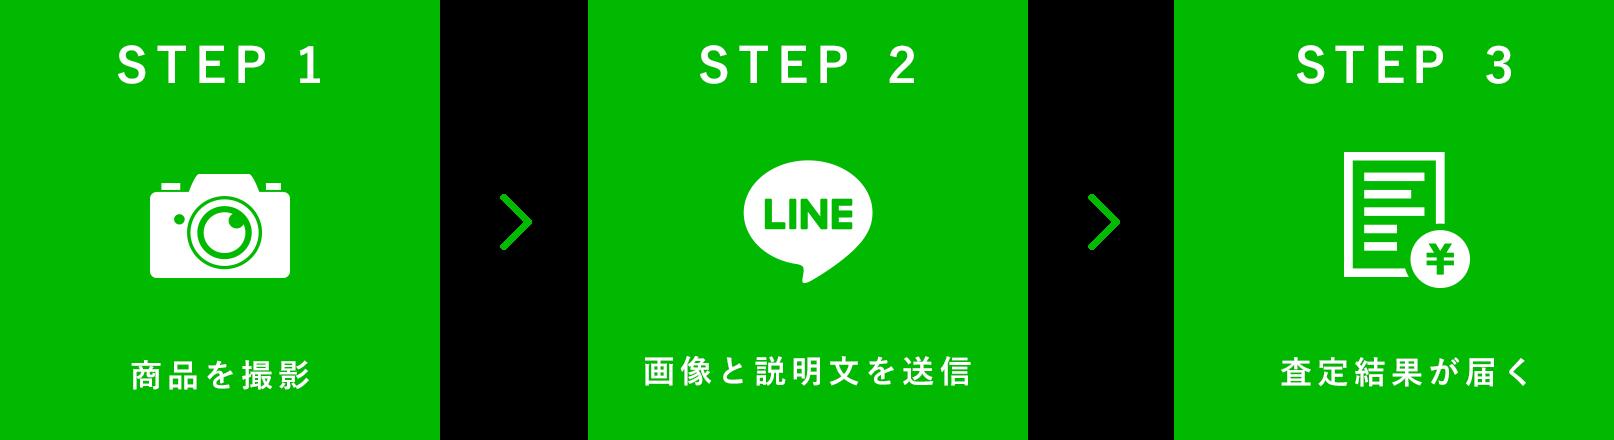 STEP1 商品を撮影→STEP2 画像と説明文を送信→STEP3 査定結果が届く